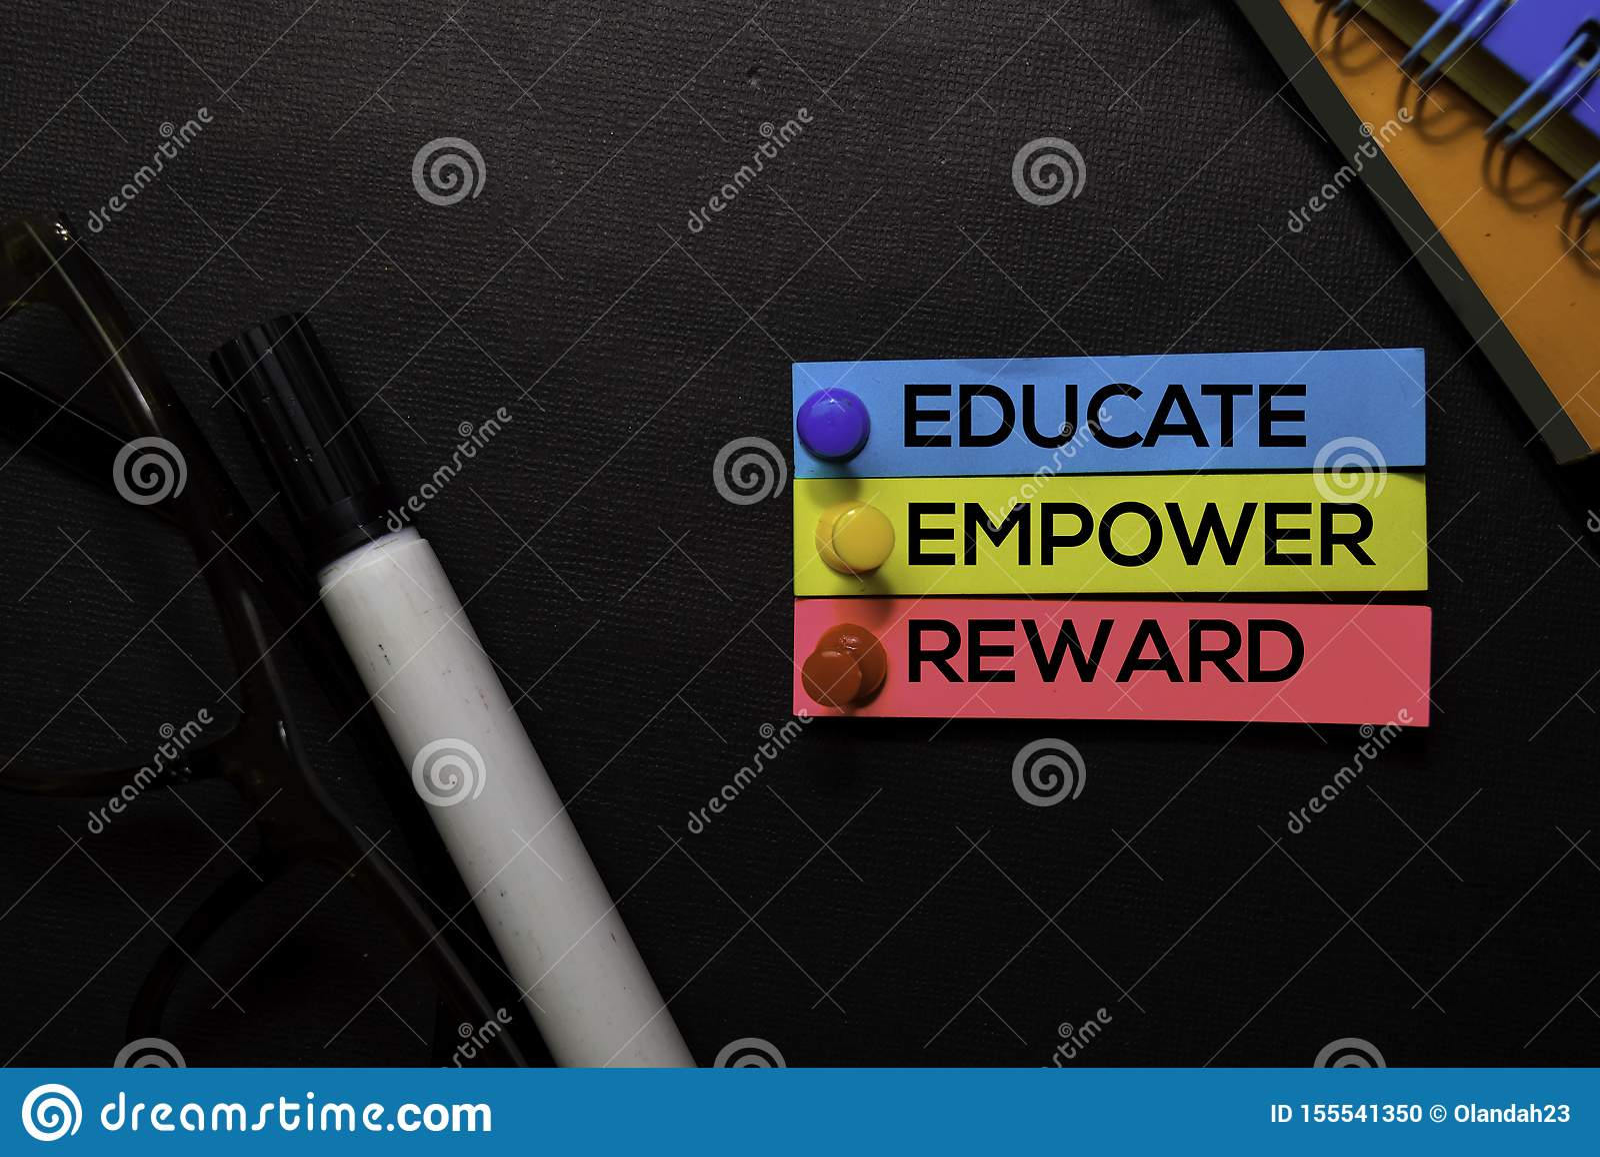 Utbilda, bemyndiga, belöna text på klibbiga anmärkningar som isoleras på det svarta skrivbordet Mekanismstrategibegrepp